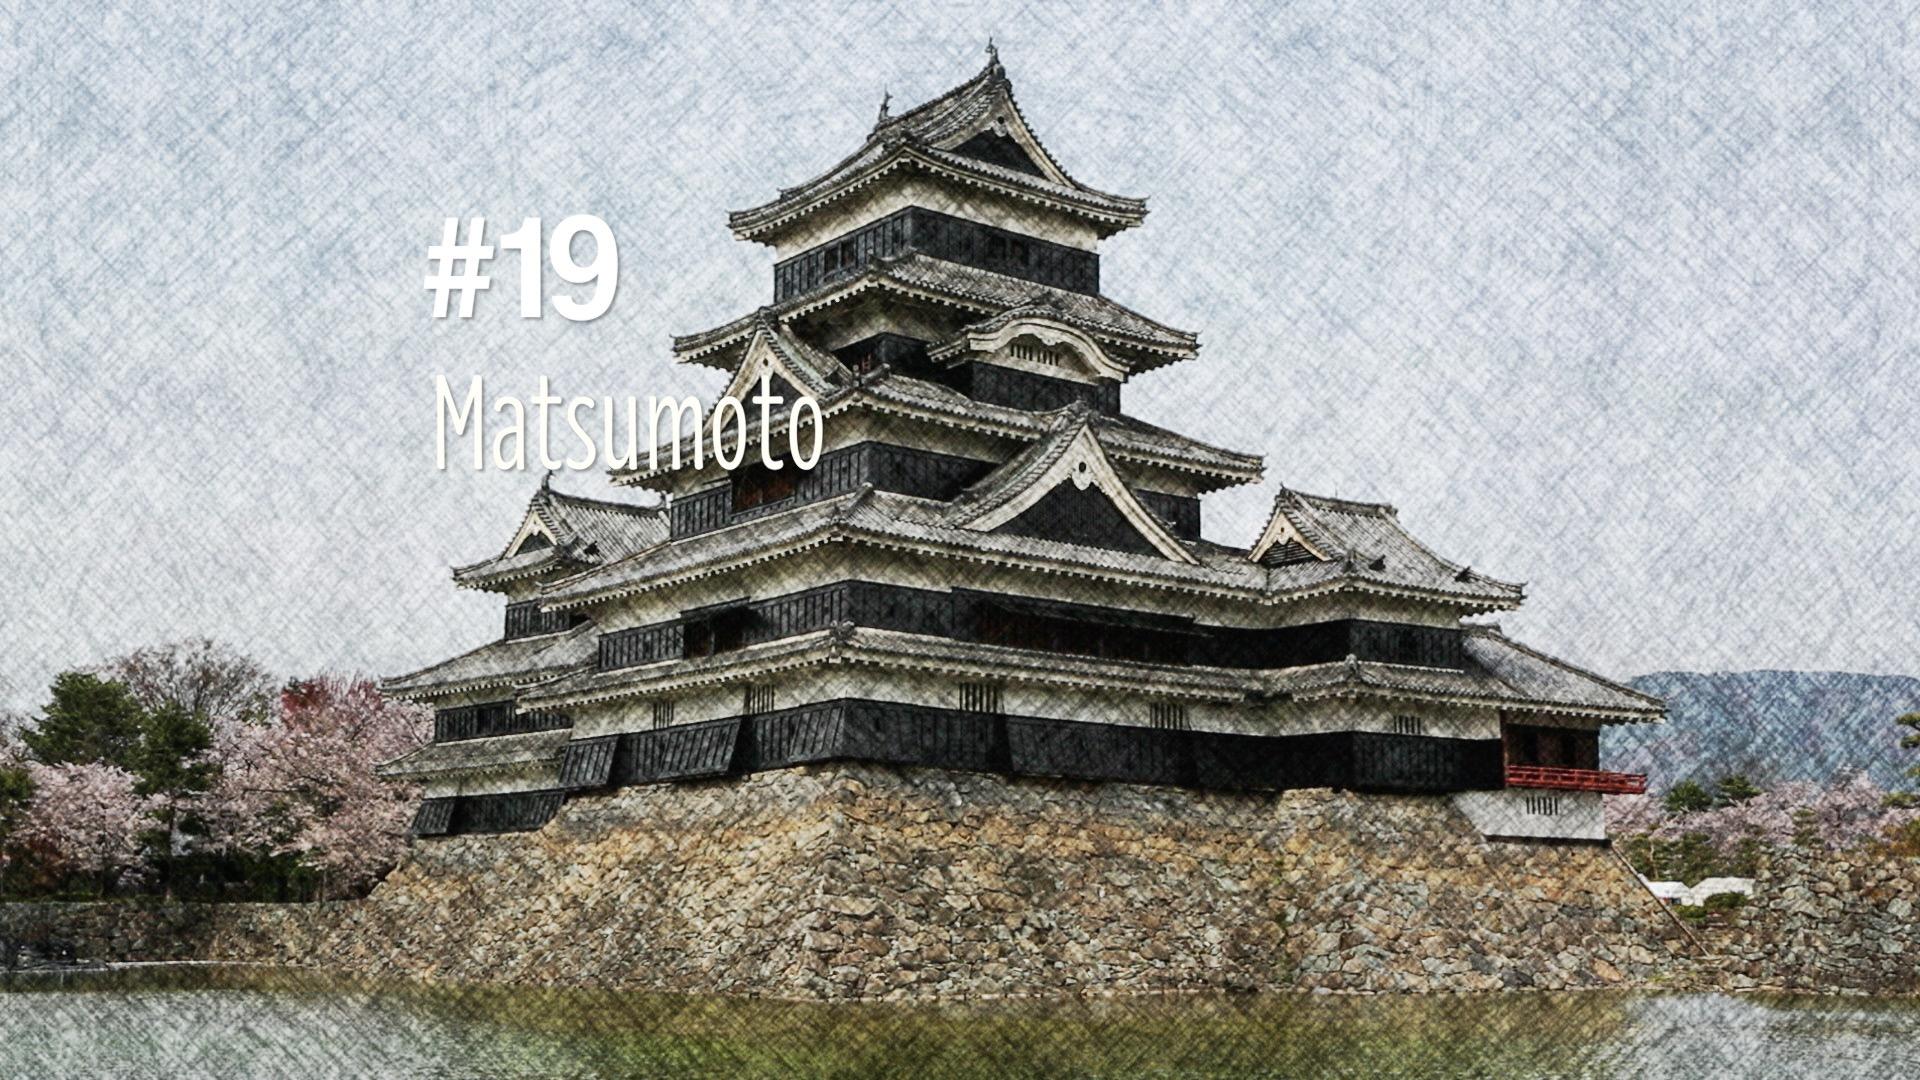 A la découverte du château de Matsumoto (#19)